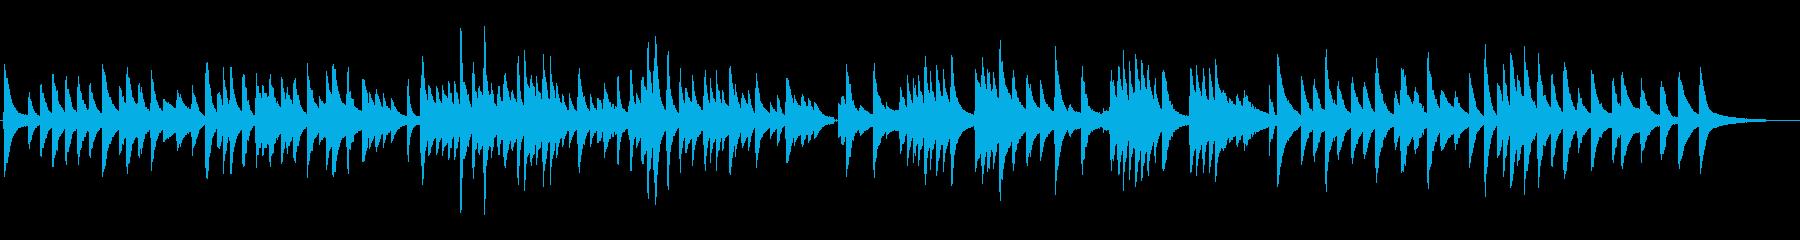 悲しくて切ないジャズラウンジピアノソロの再生済みの波形